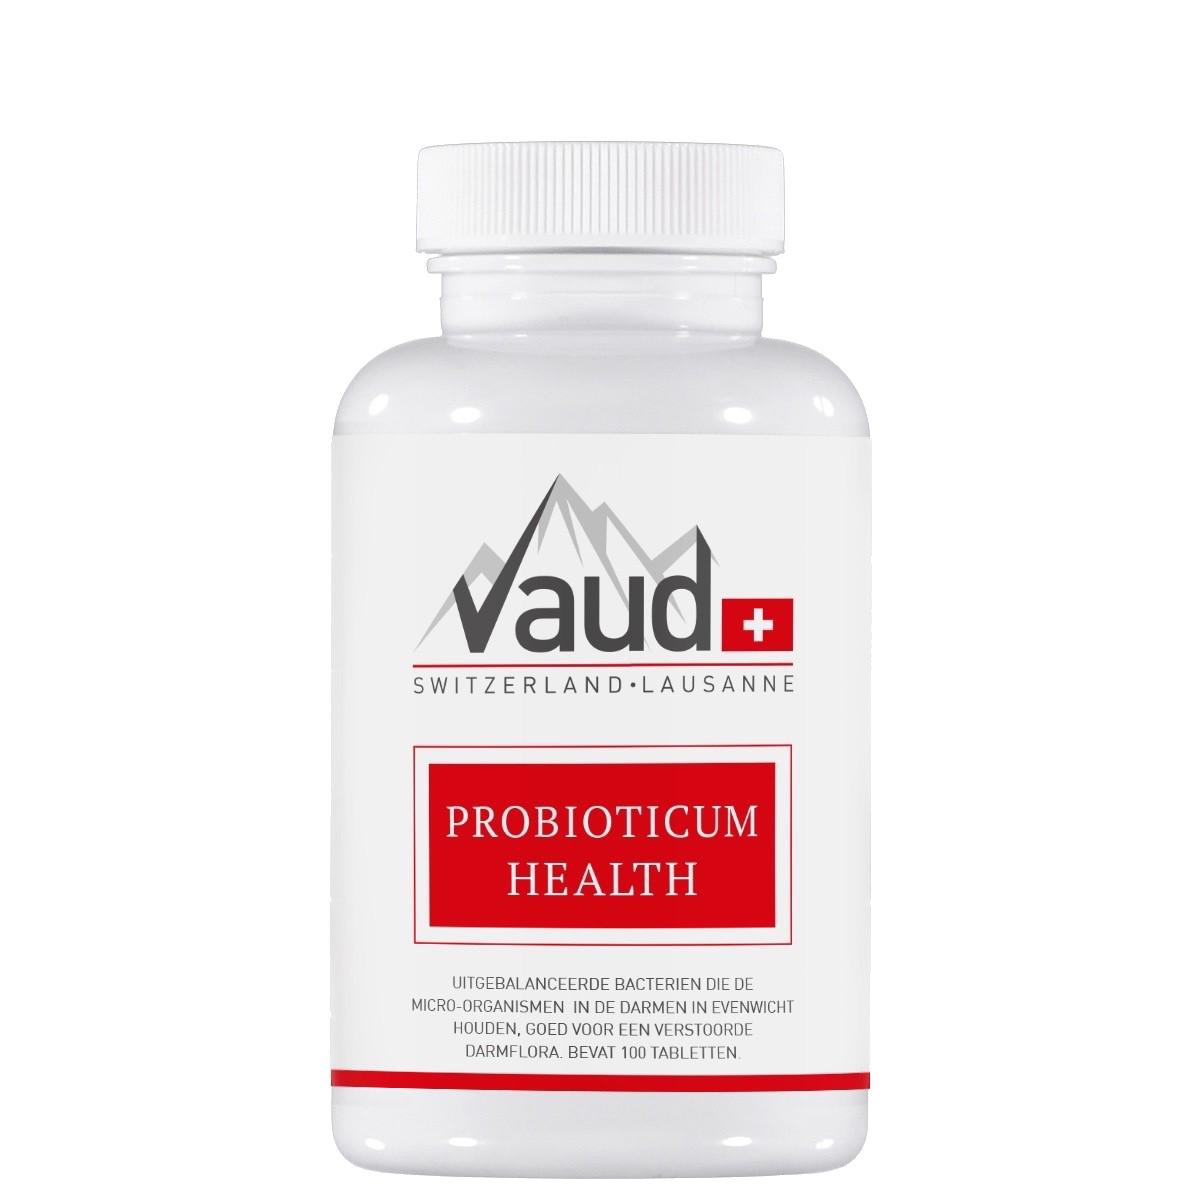 Probioticum voor de darmflora